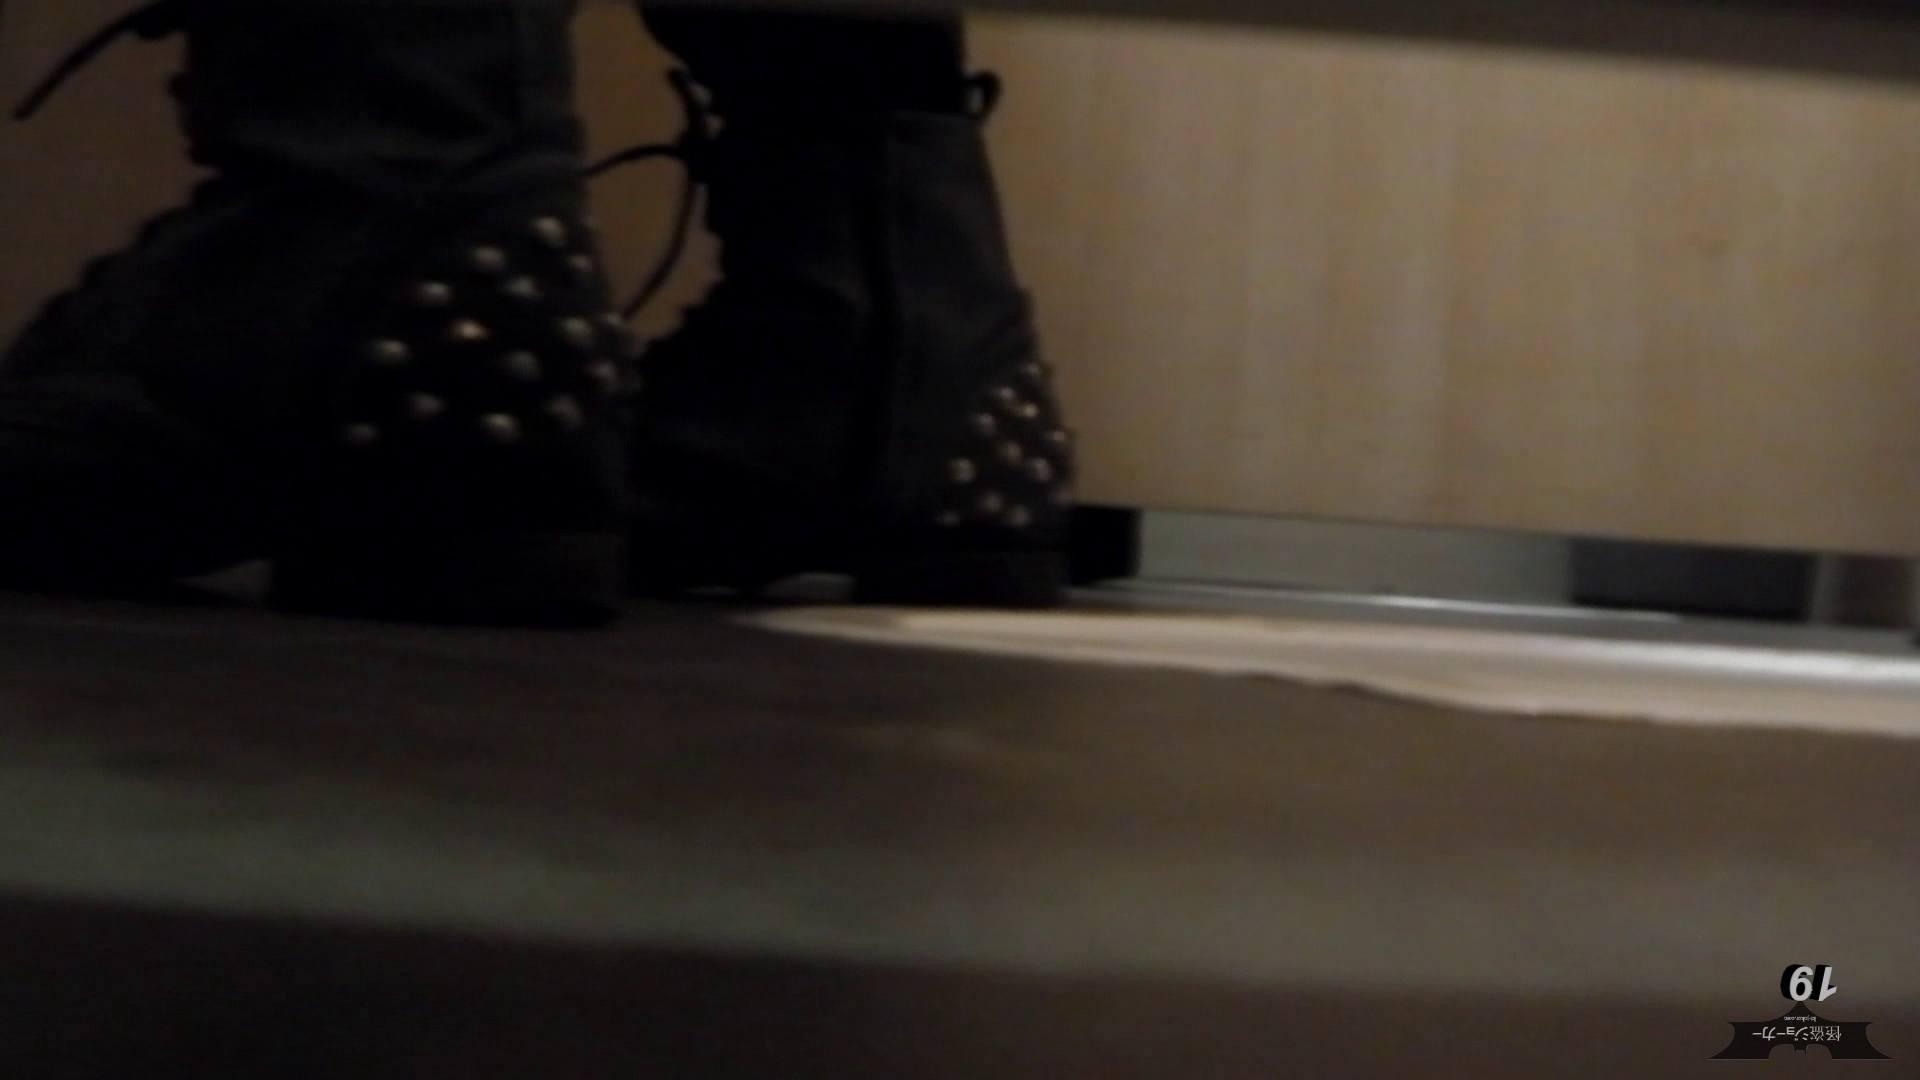 阿国ちゃんの「和式洋式七変化」 (NEW)19 「雫」はしっかりと切るんです! 和式・女子用 エロ無料画像 86画像 5